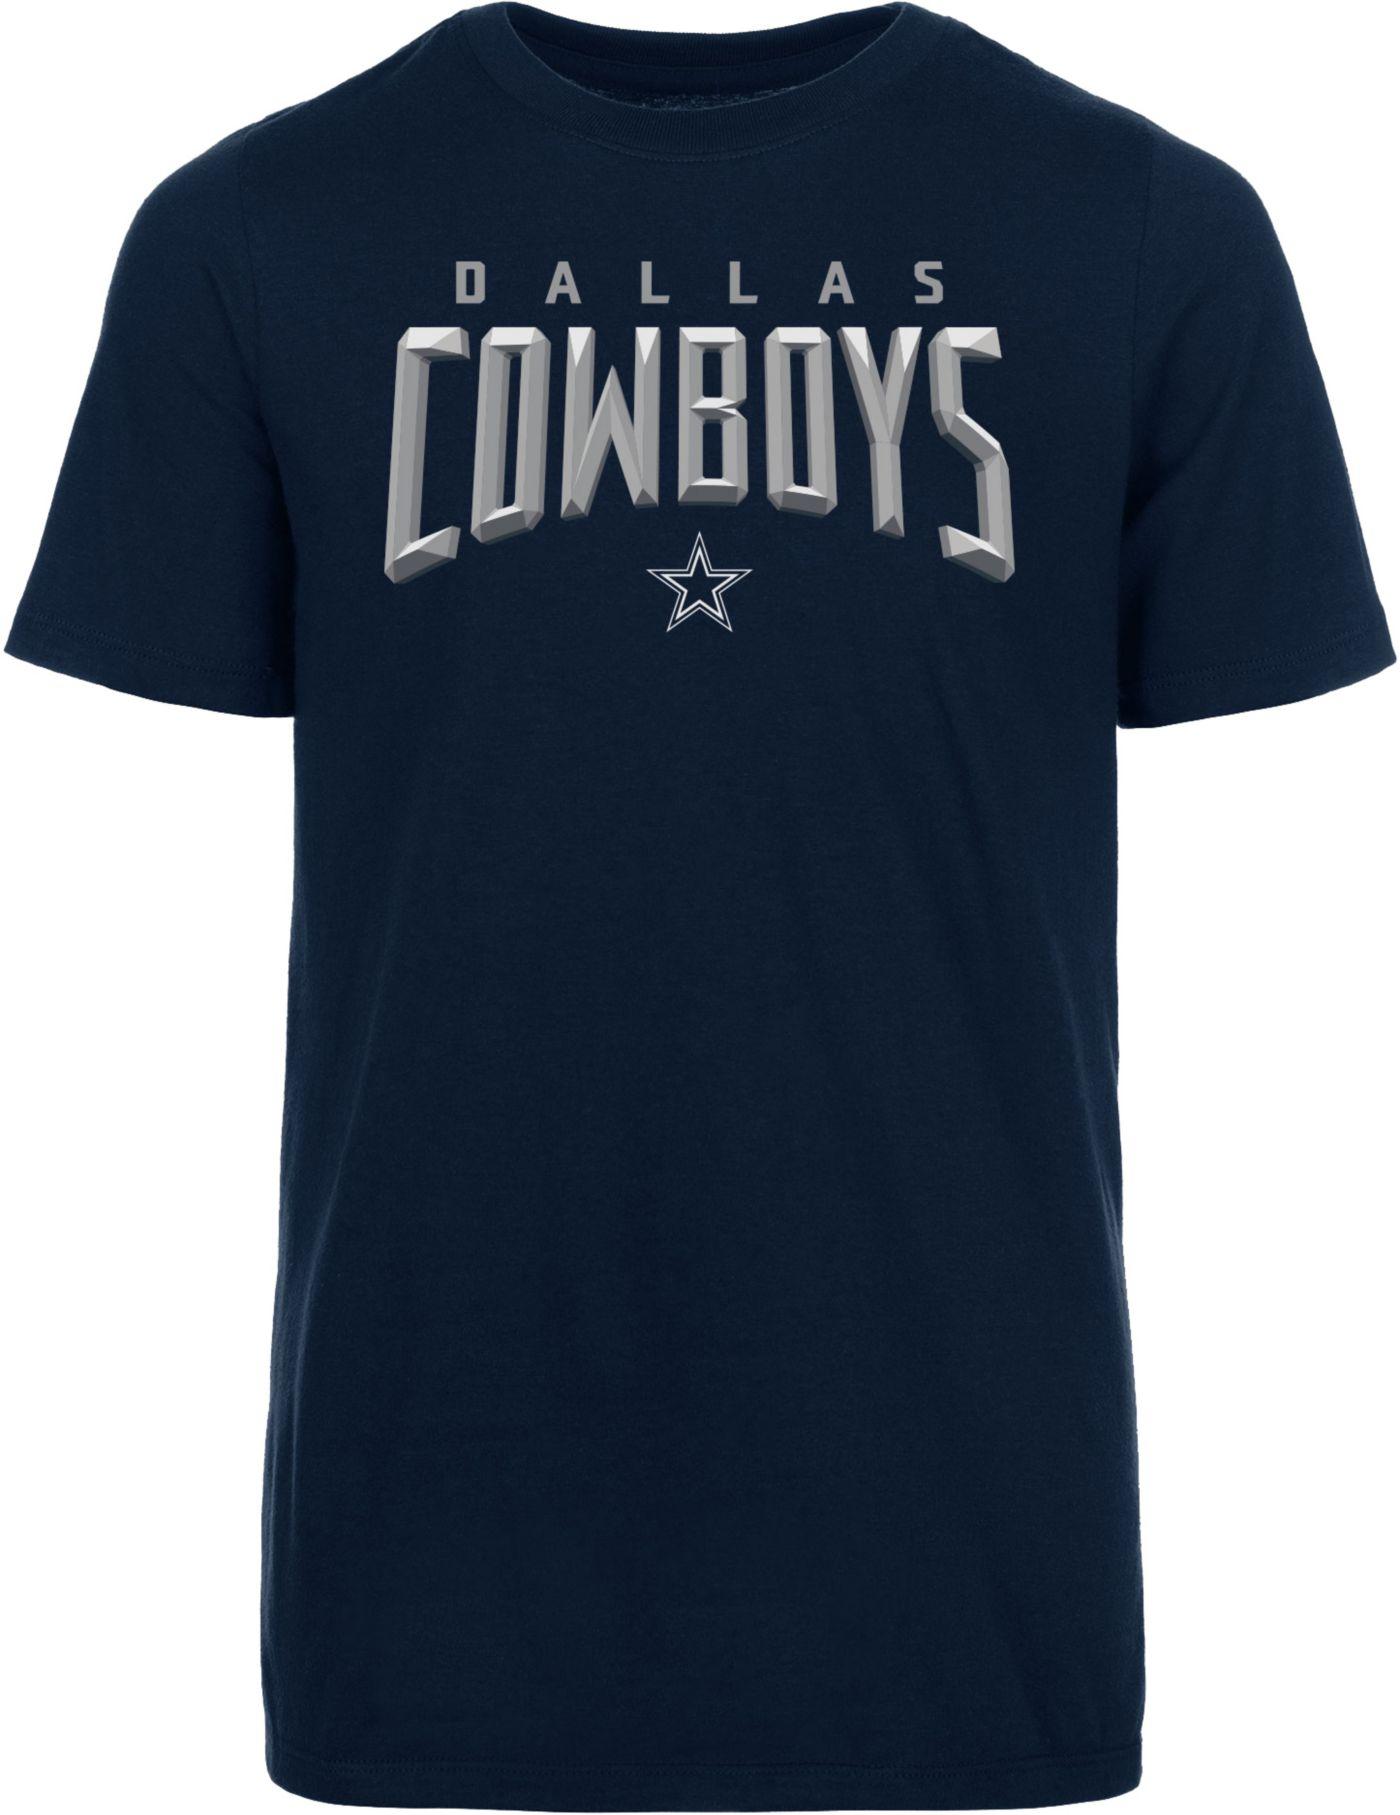 Dallas Cowboys Merchandising Youth Ambassador Navy T-Shirt